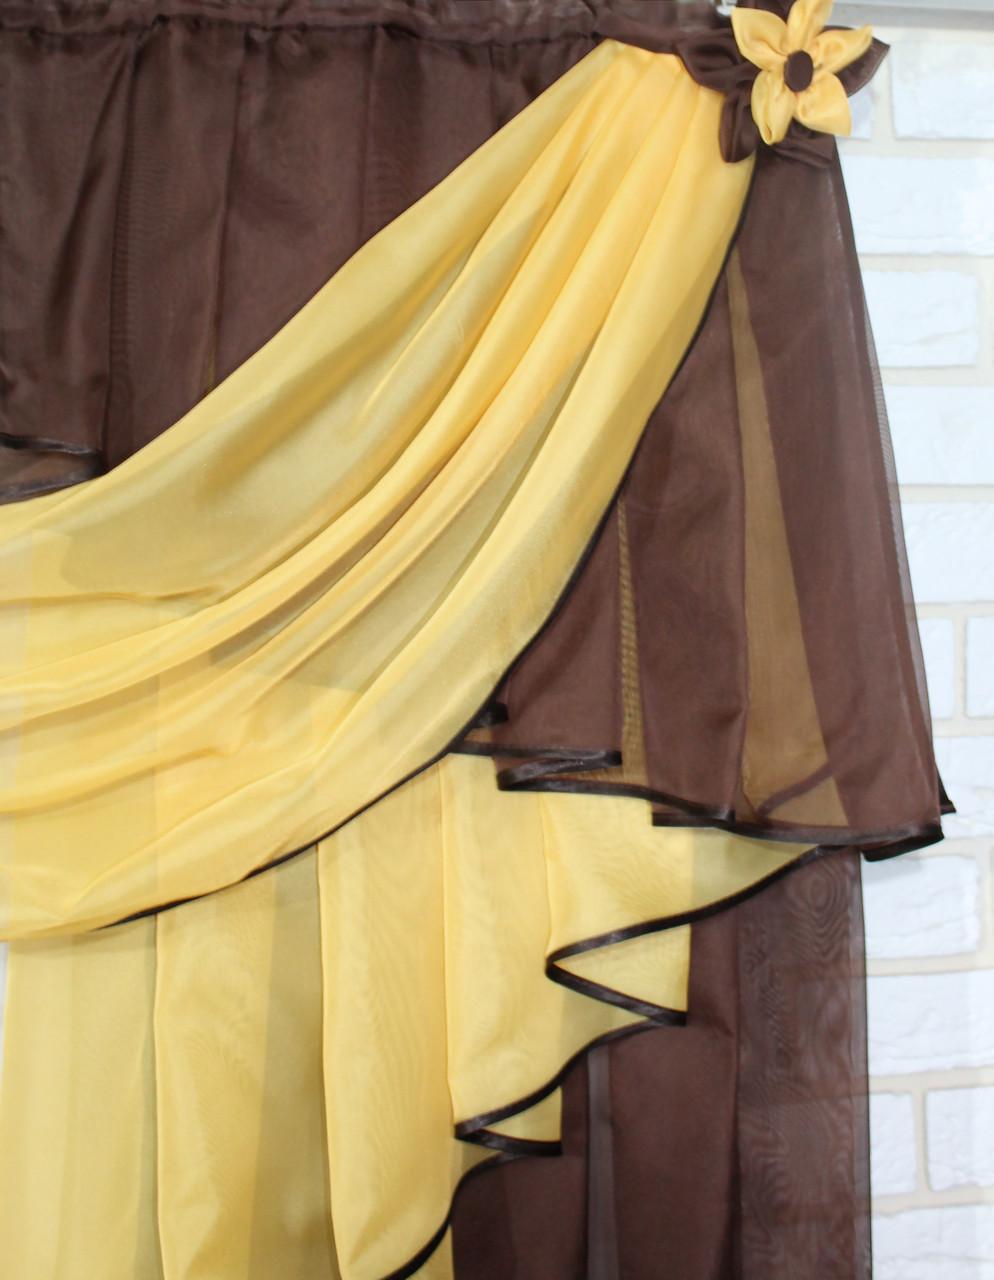 Ламбрекен 3м Цвет: янтар с венге №8, фото 2